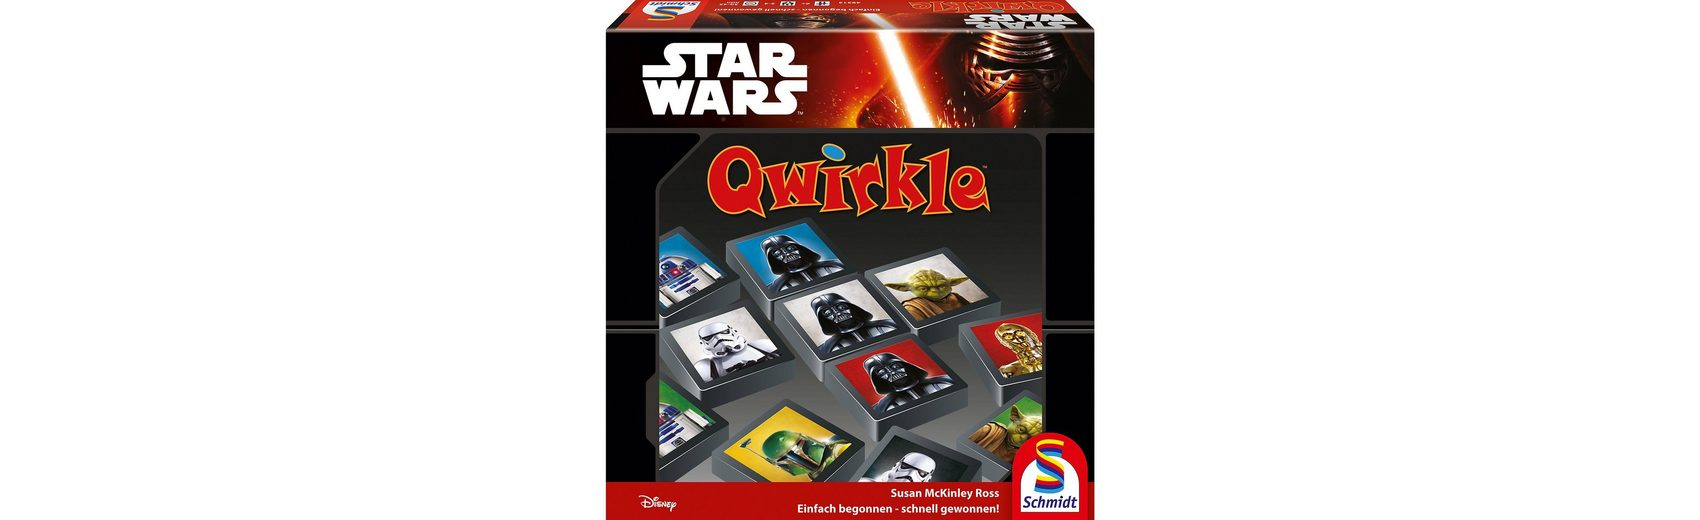 Schmidt Spiele Star Wars Qwirkle